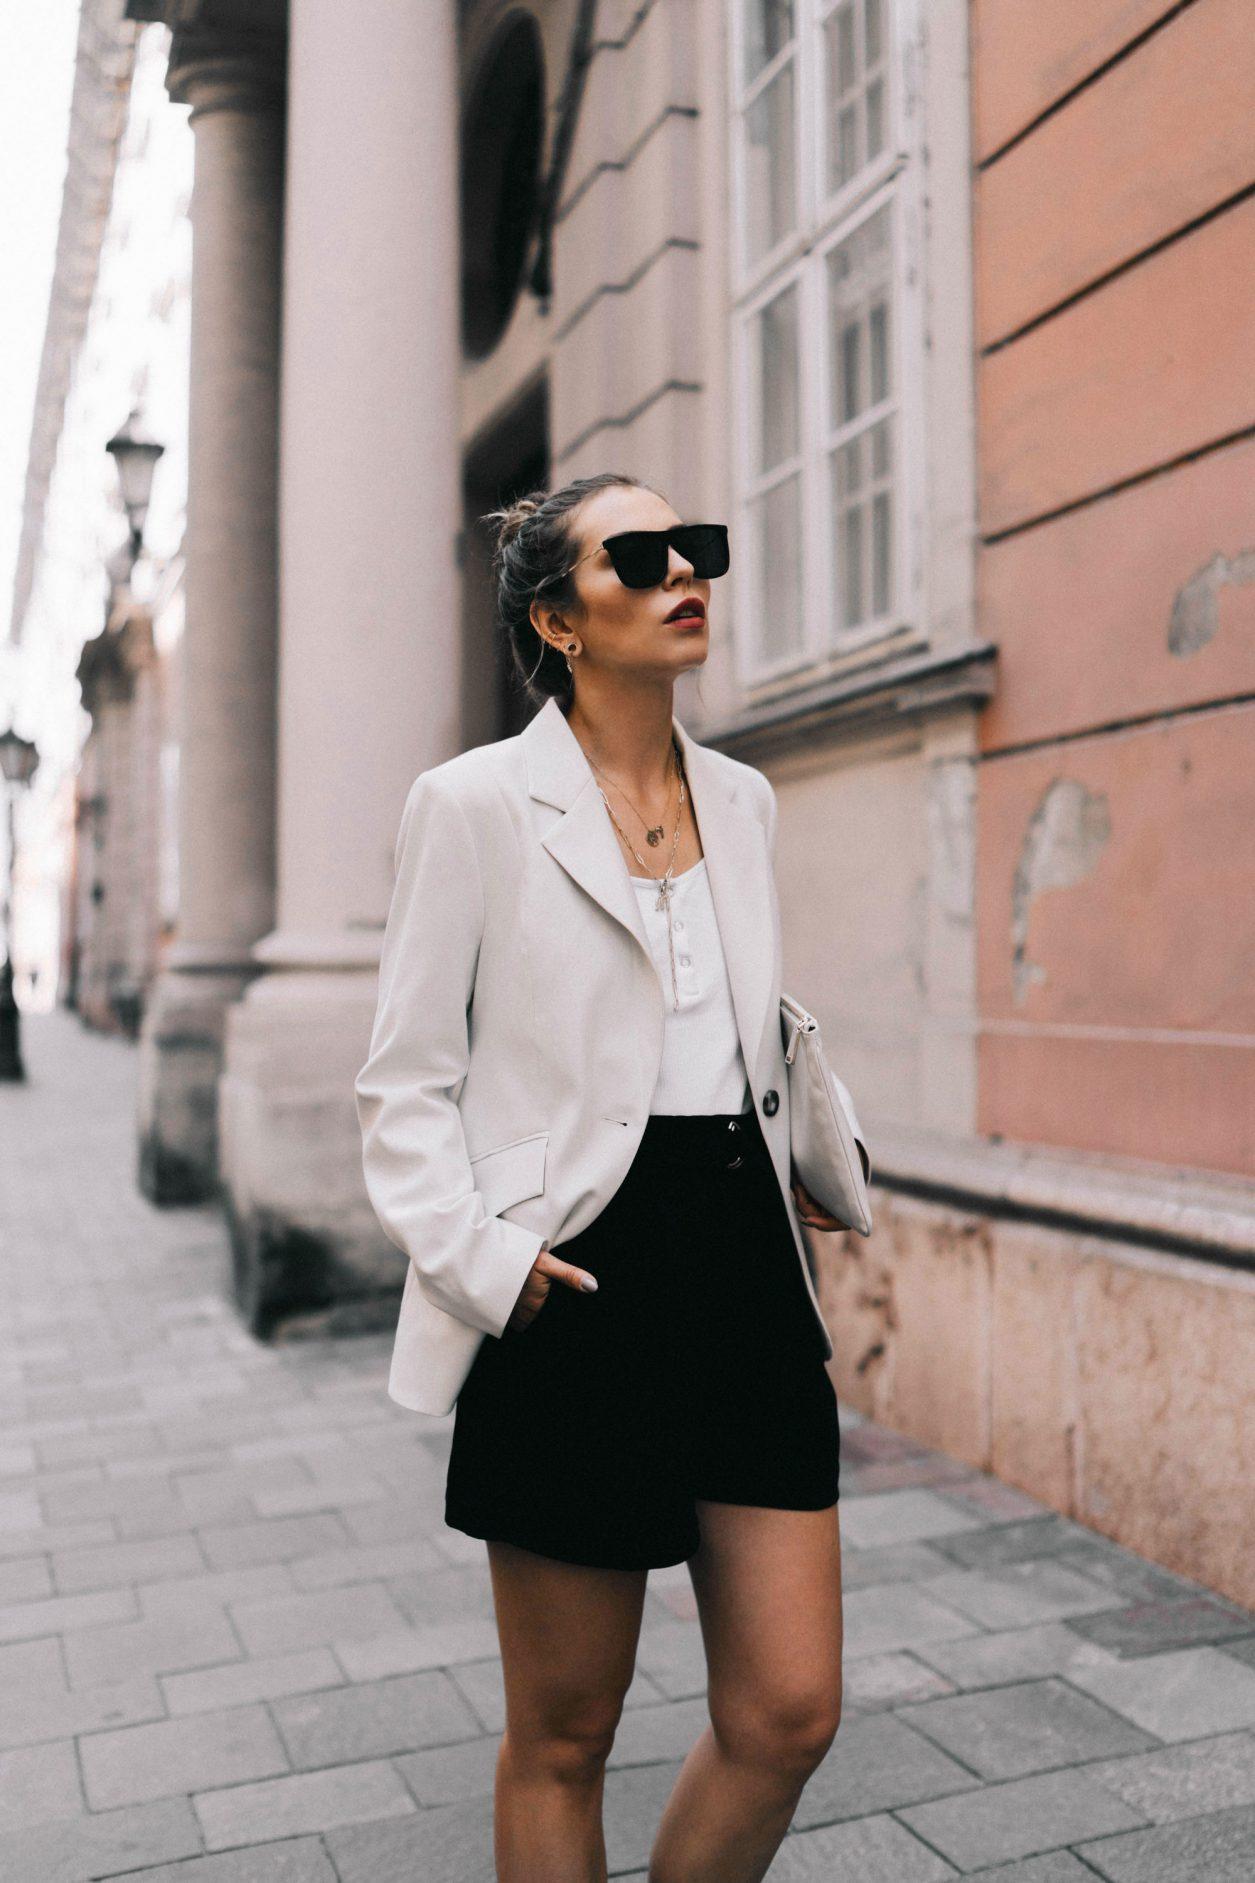 A summer business look for women, Streetstyle from Budapest, Hungary Blazer: Baum und Pferdgarten Top: Gestuz  Shorts: H&M  Sunnies: Polaroid  Loafer: Bally  Clutch: Jil Sander